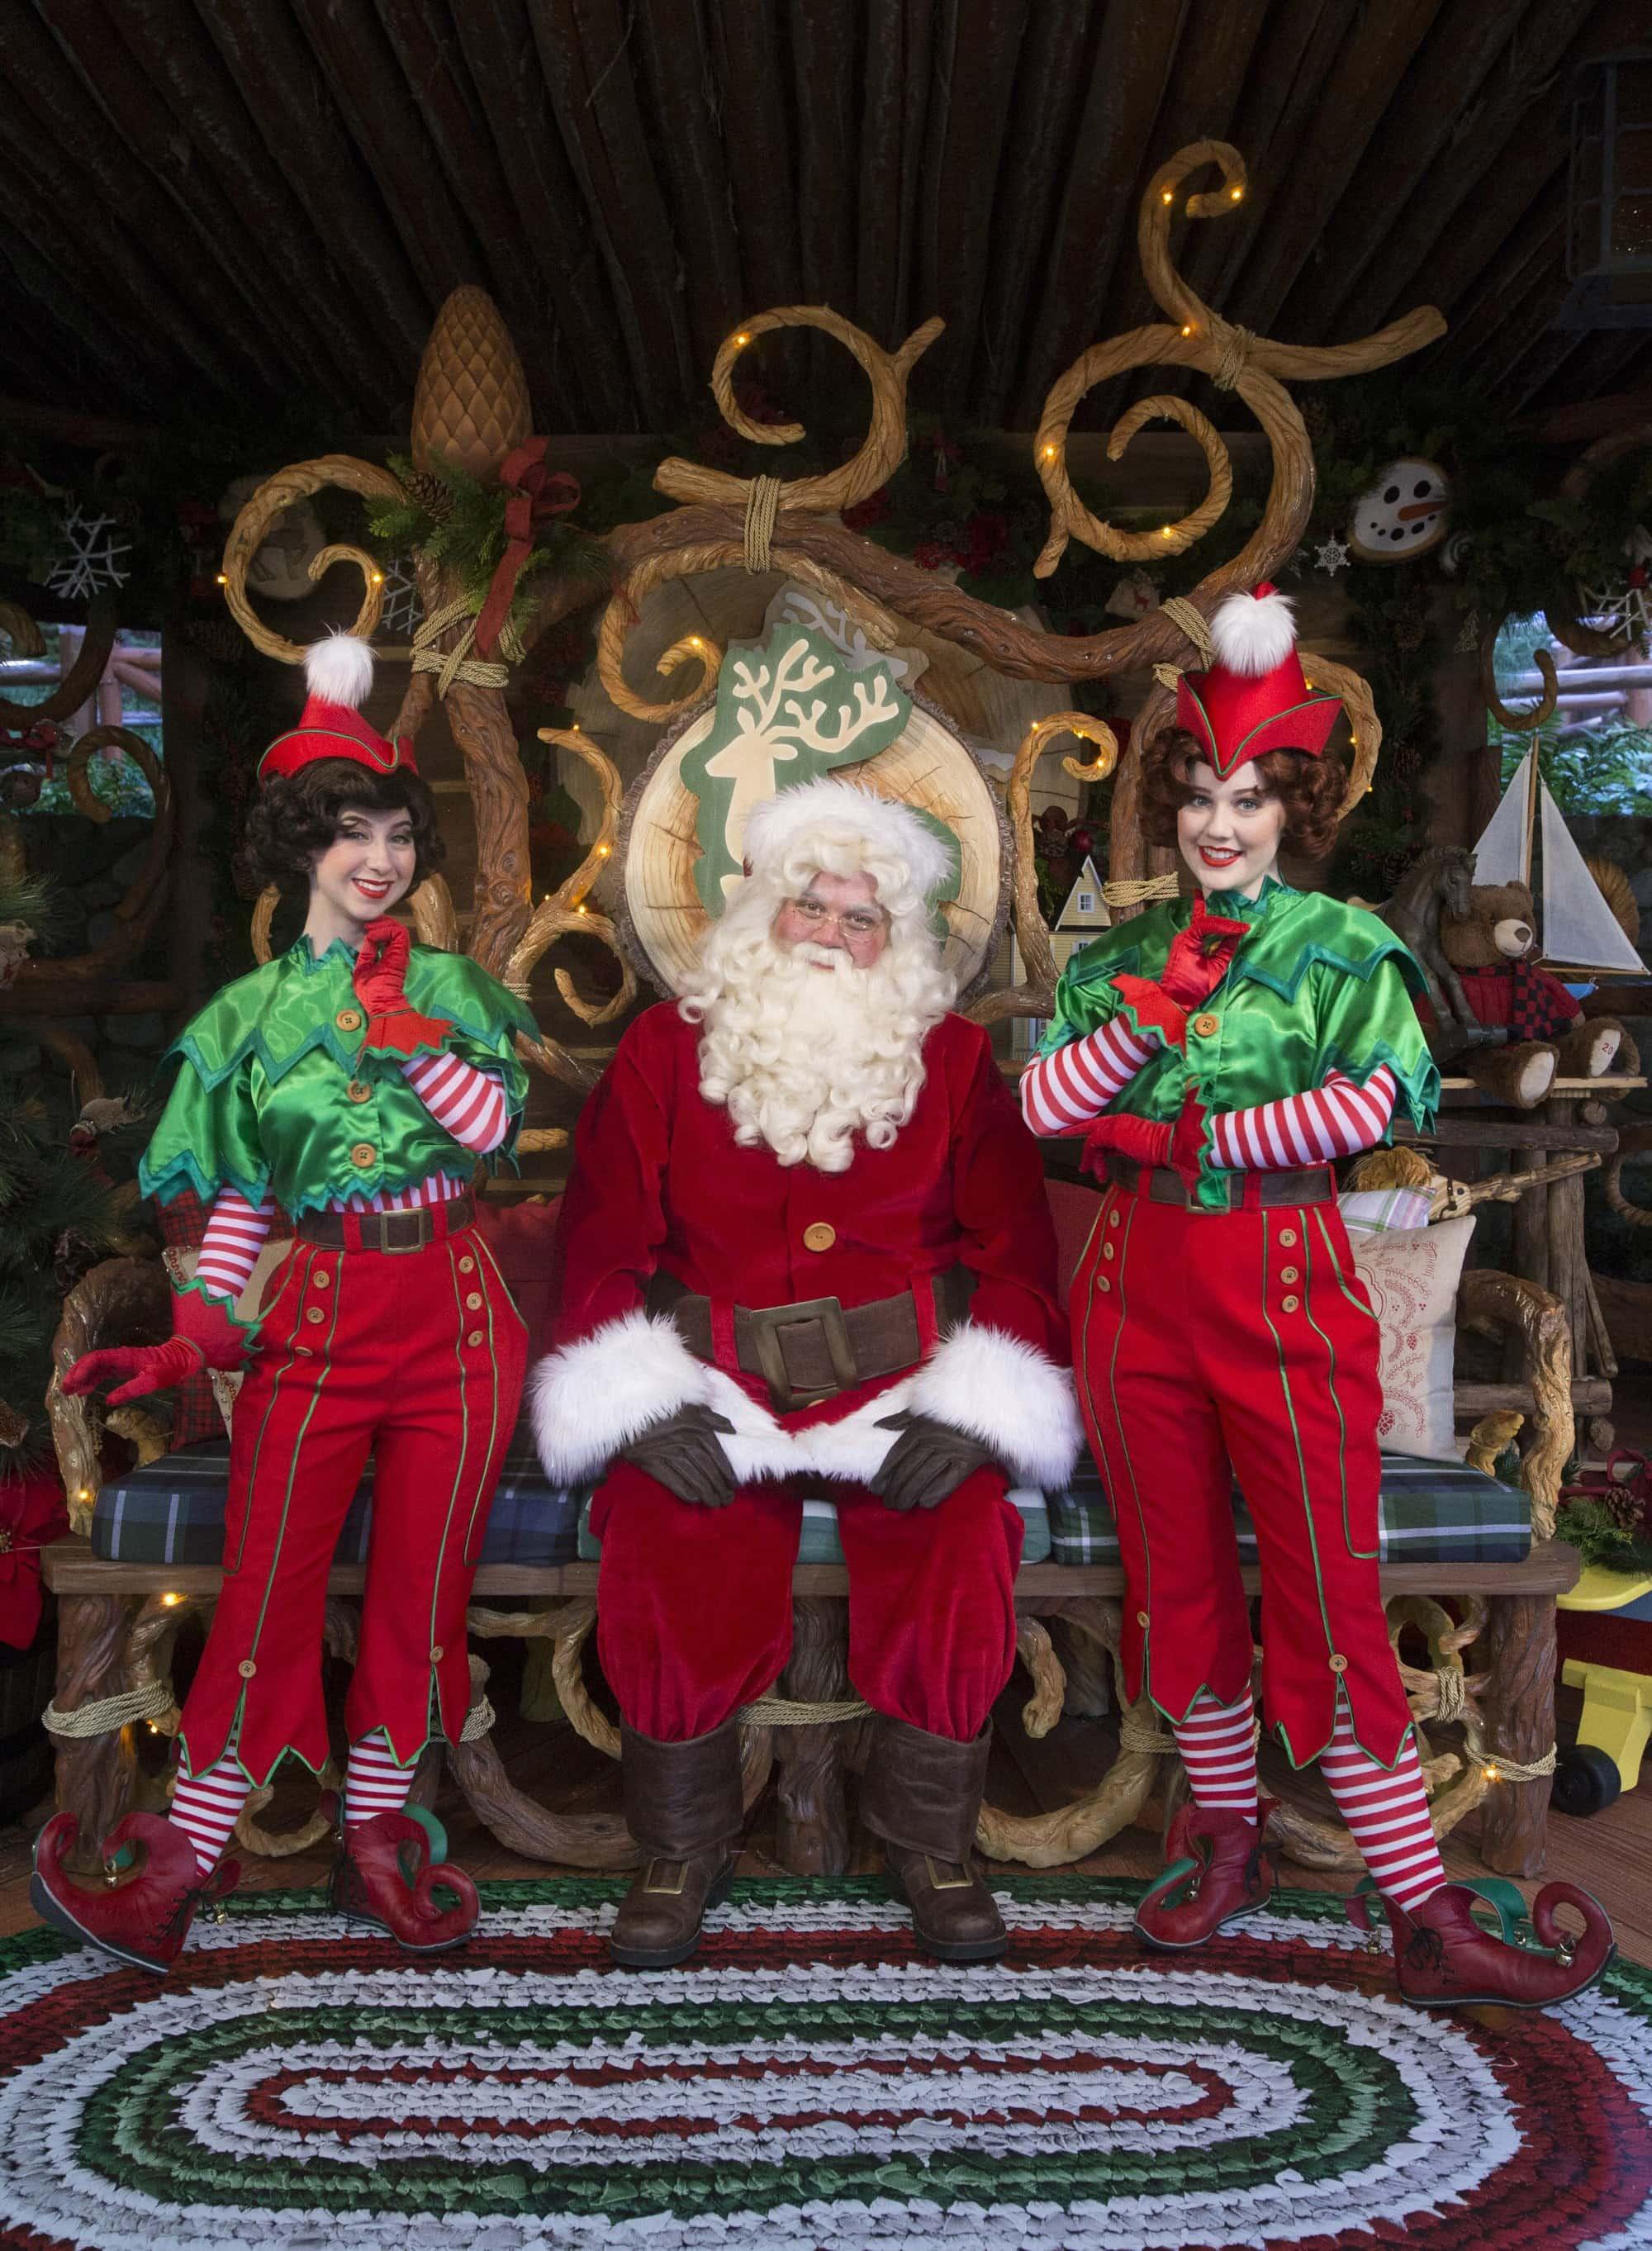 Santa at Disneyland during the holidays